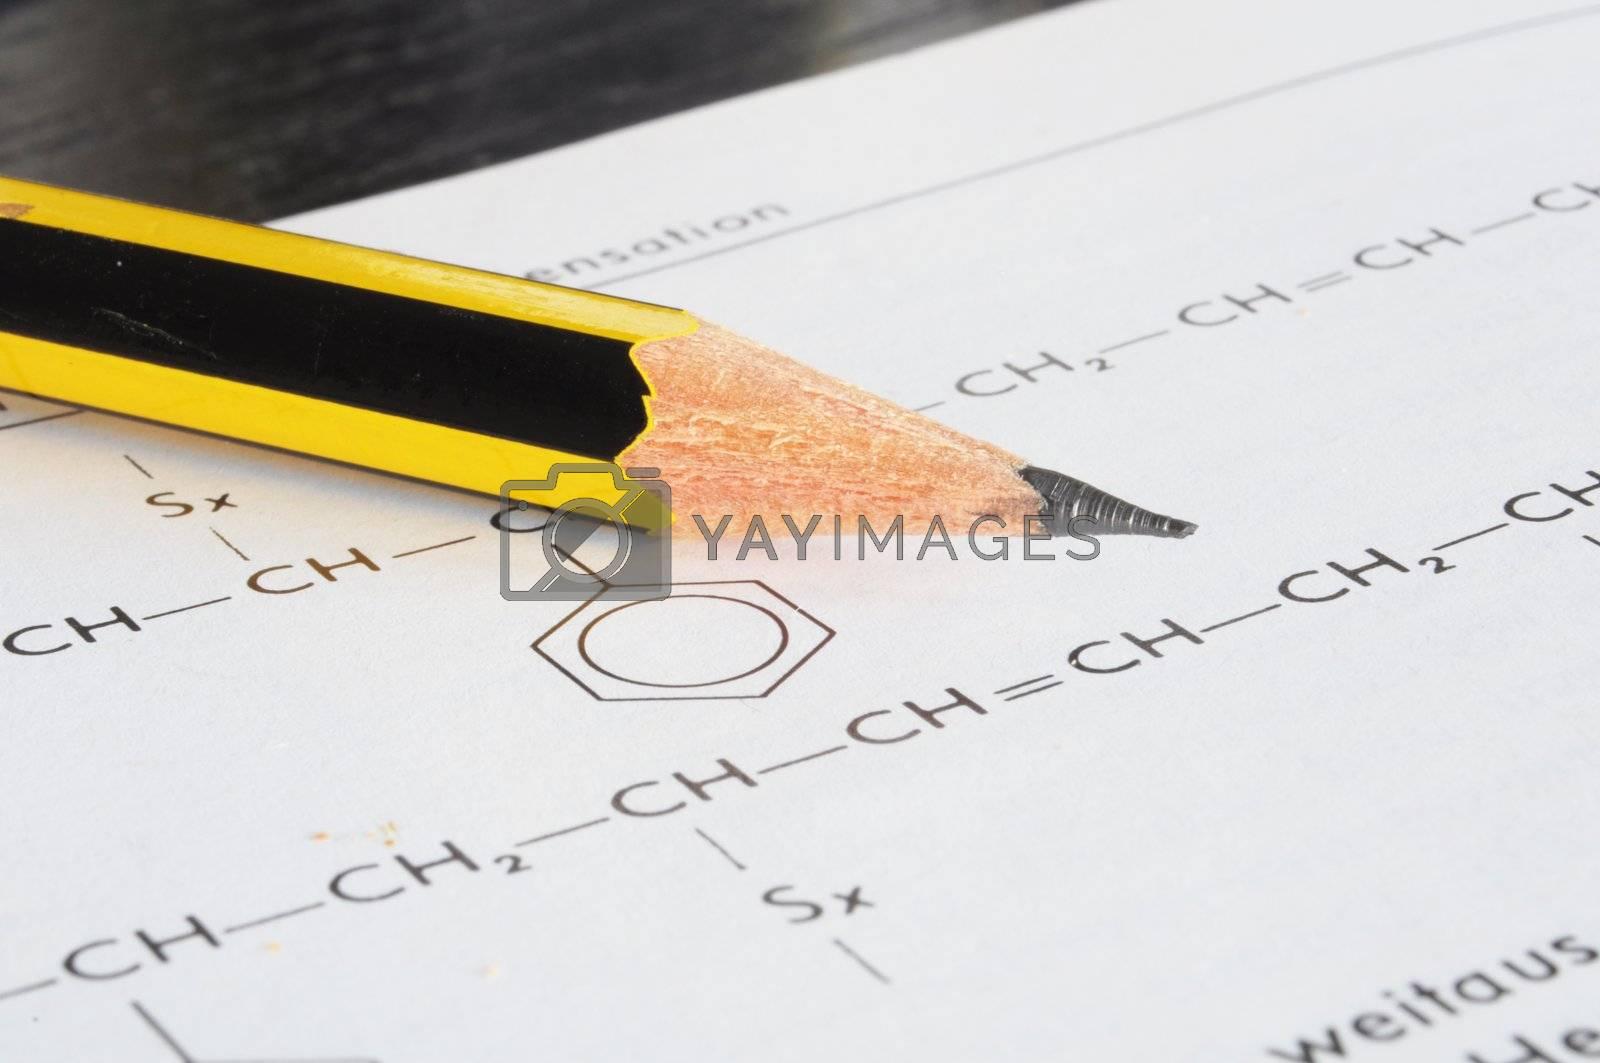 chemistry education by gunnar3000